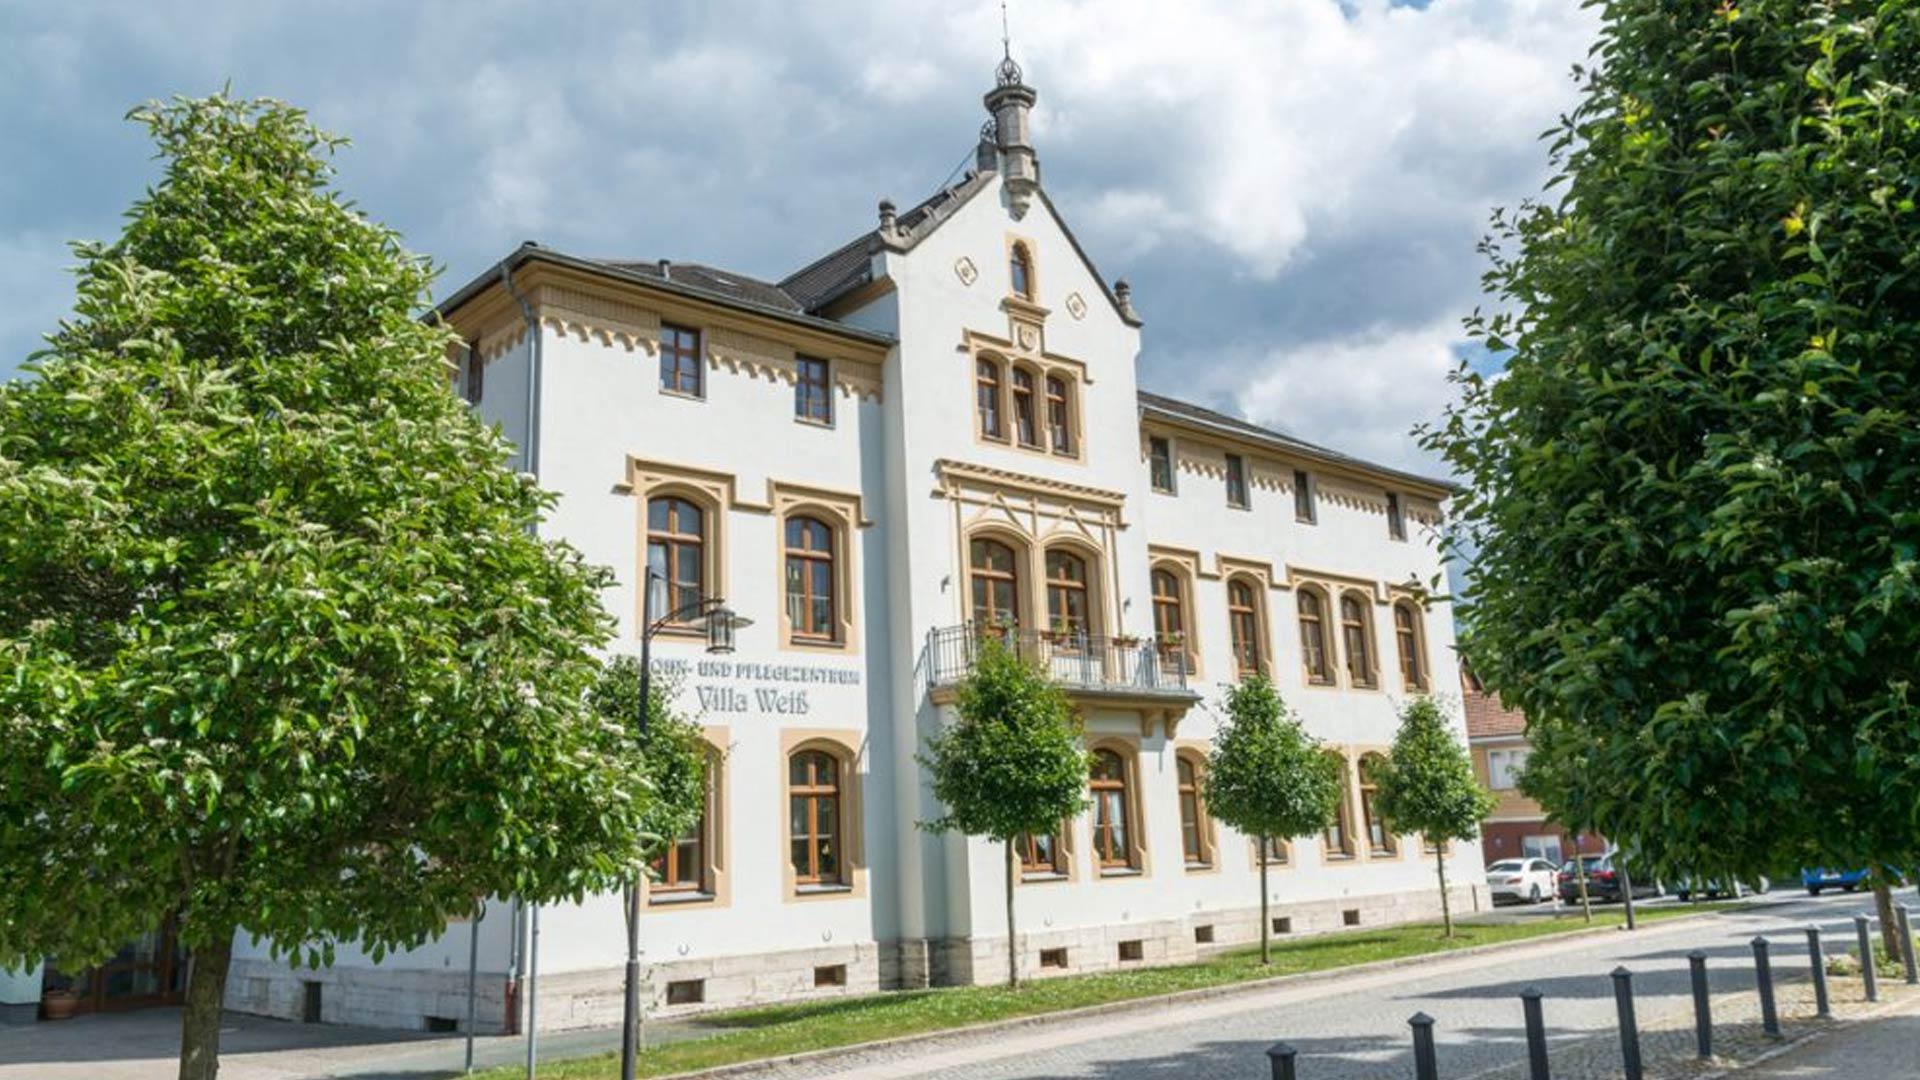 Wohn- und Pflegezentrum | Villa Weiss